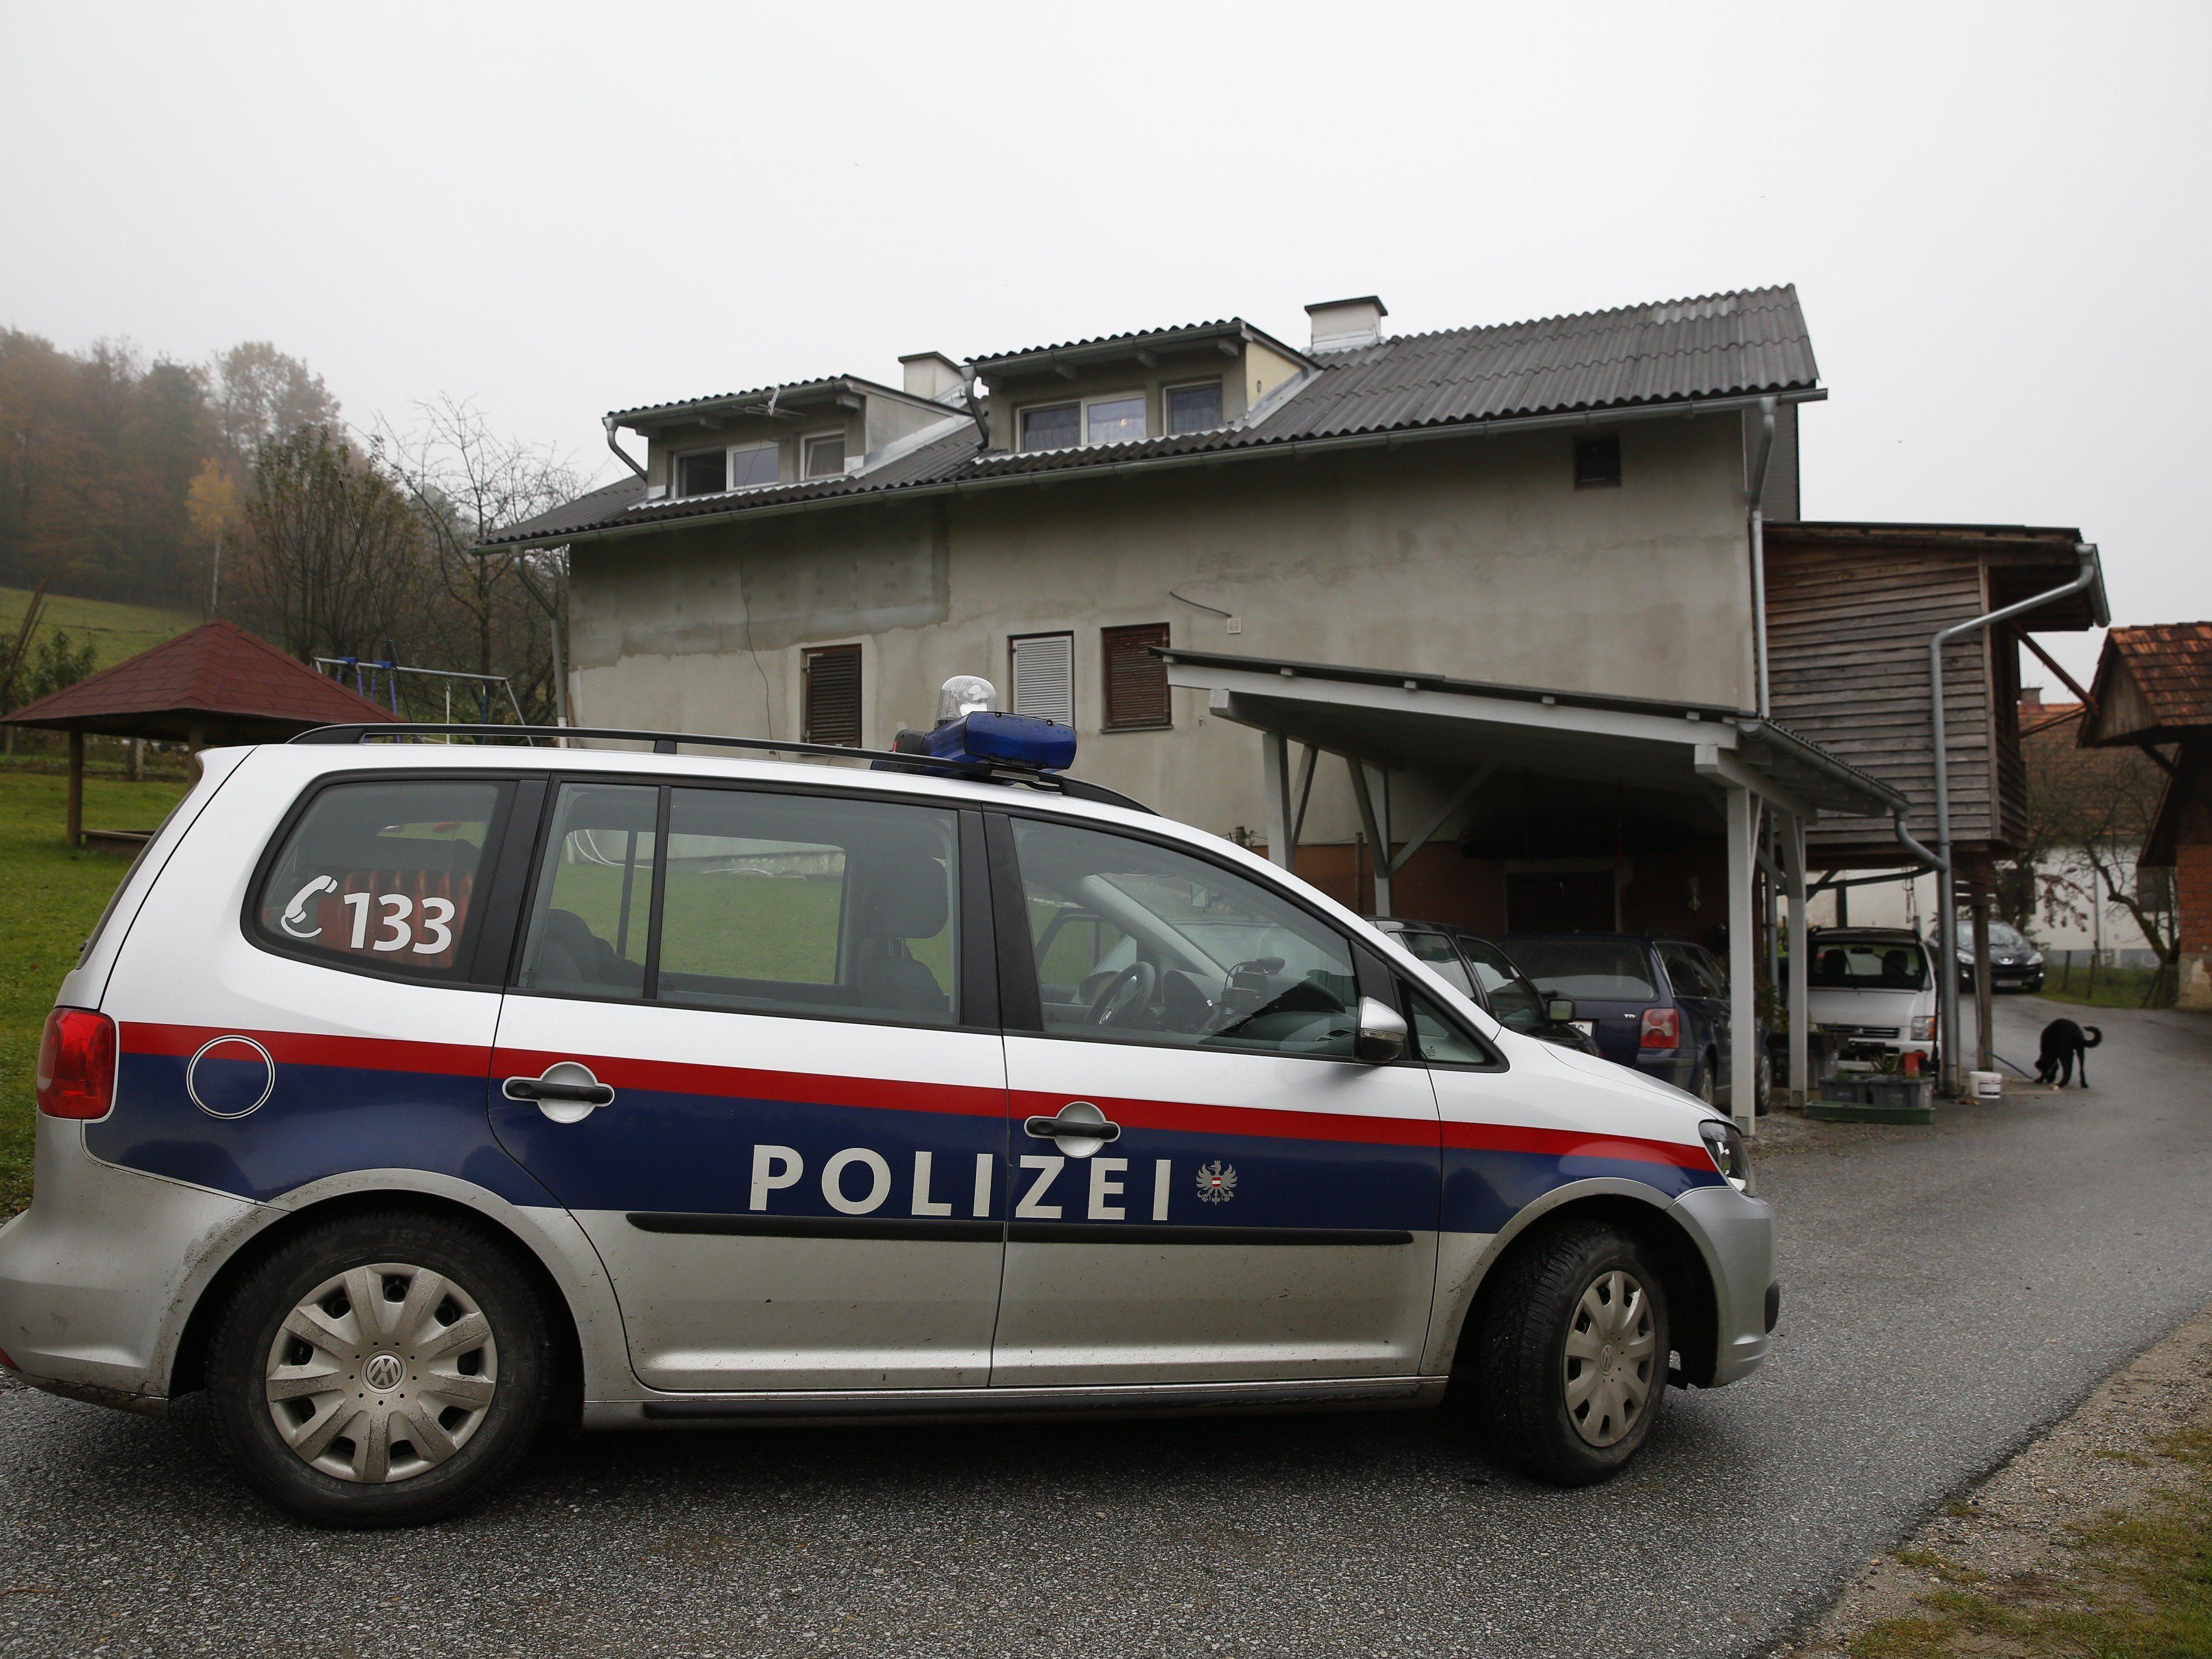 Familiendrama in der Steiermark: Mann erschießt Vater der Ex-Freundin und richtet sich selbst.